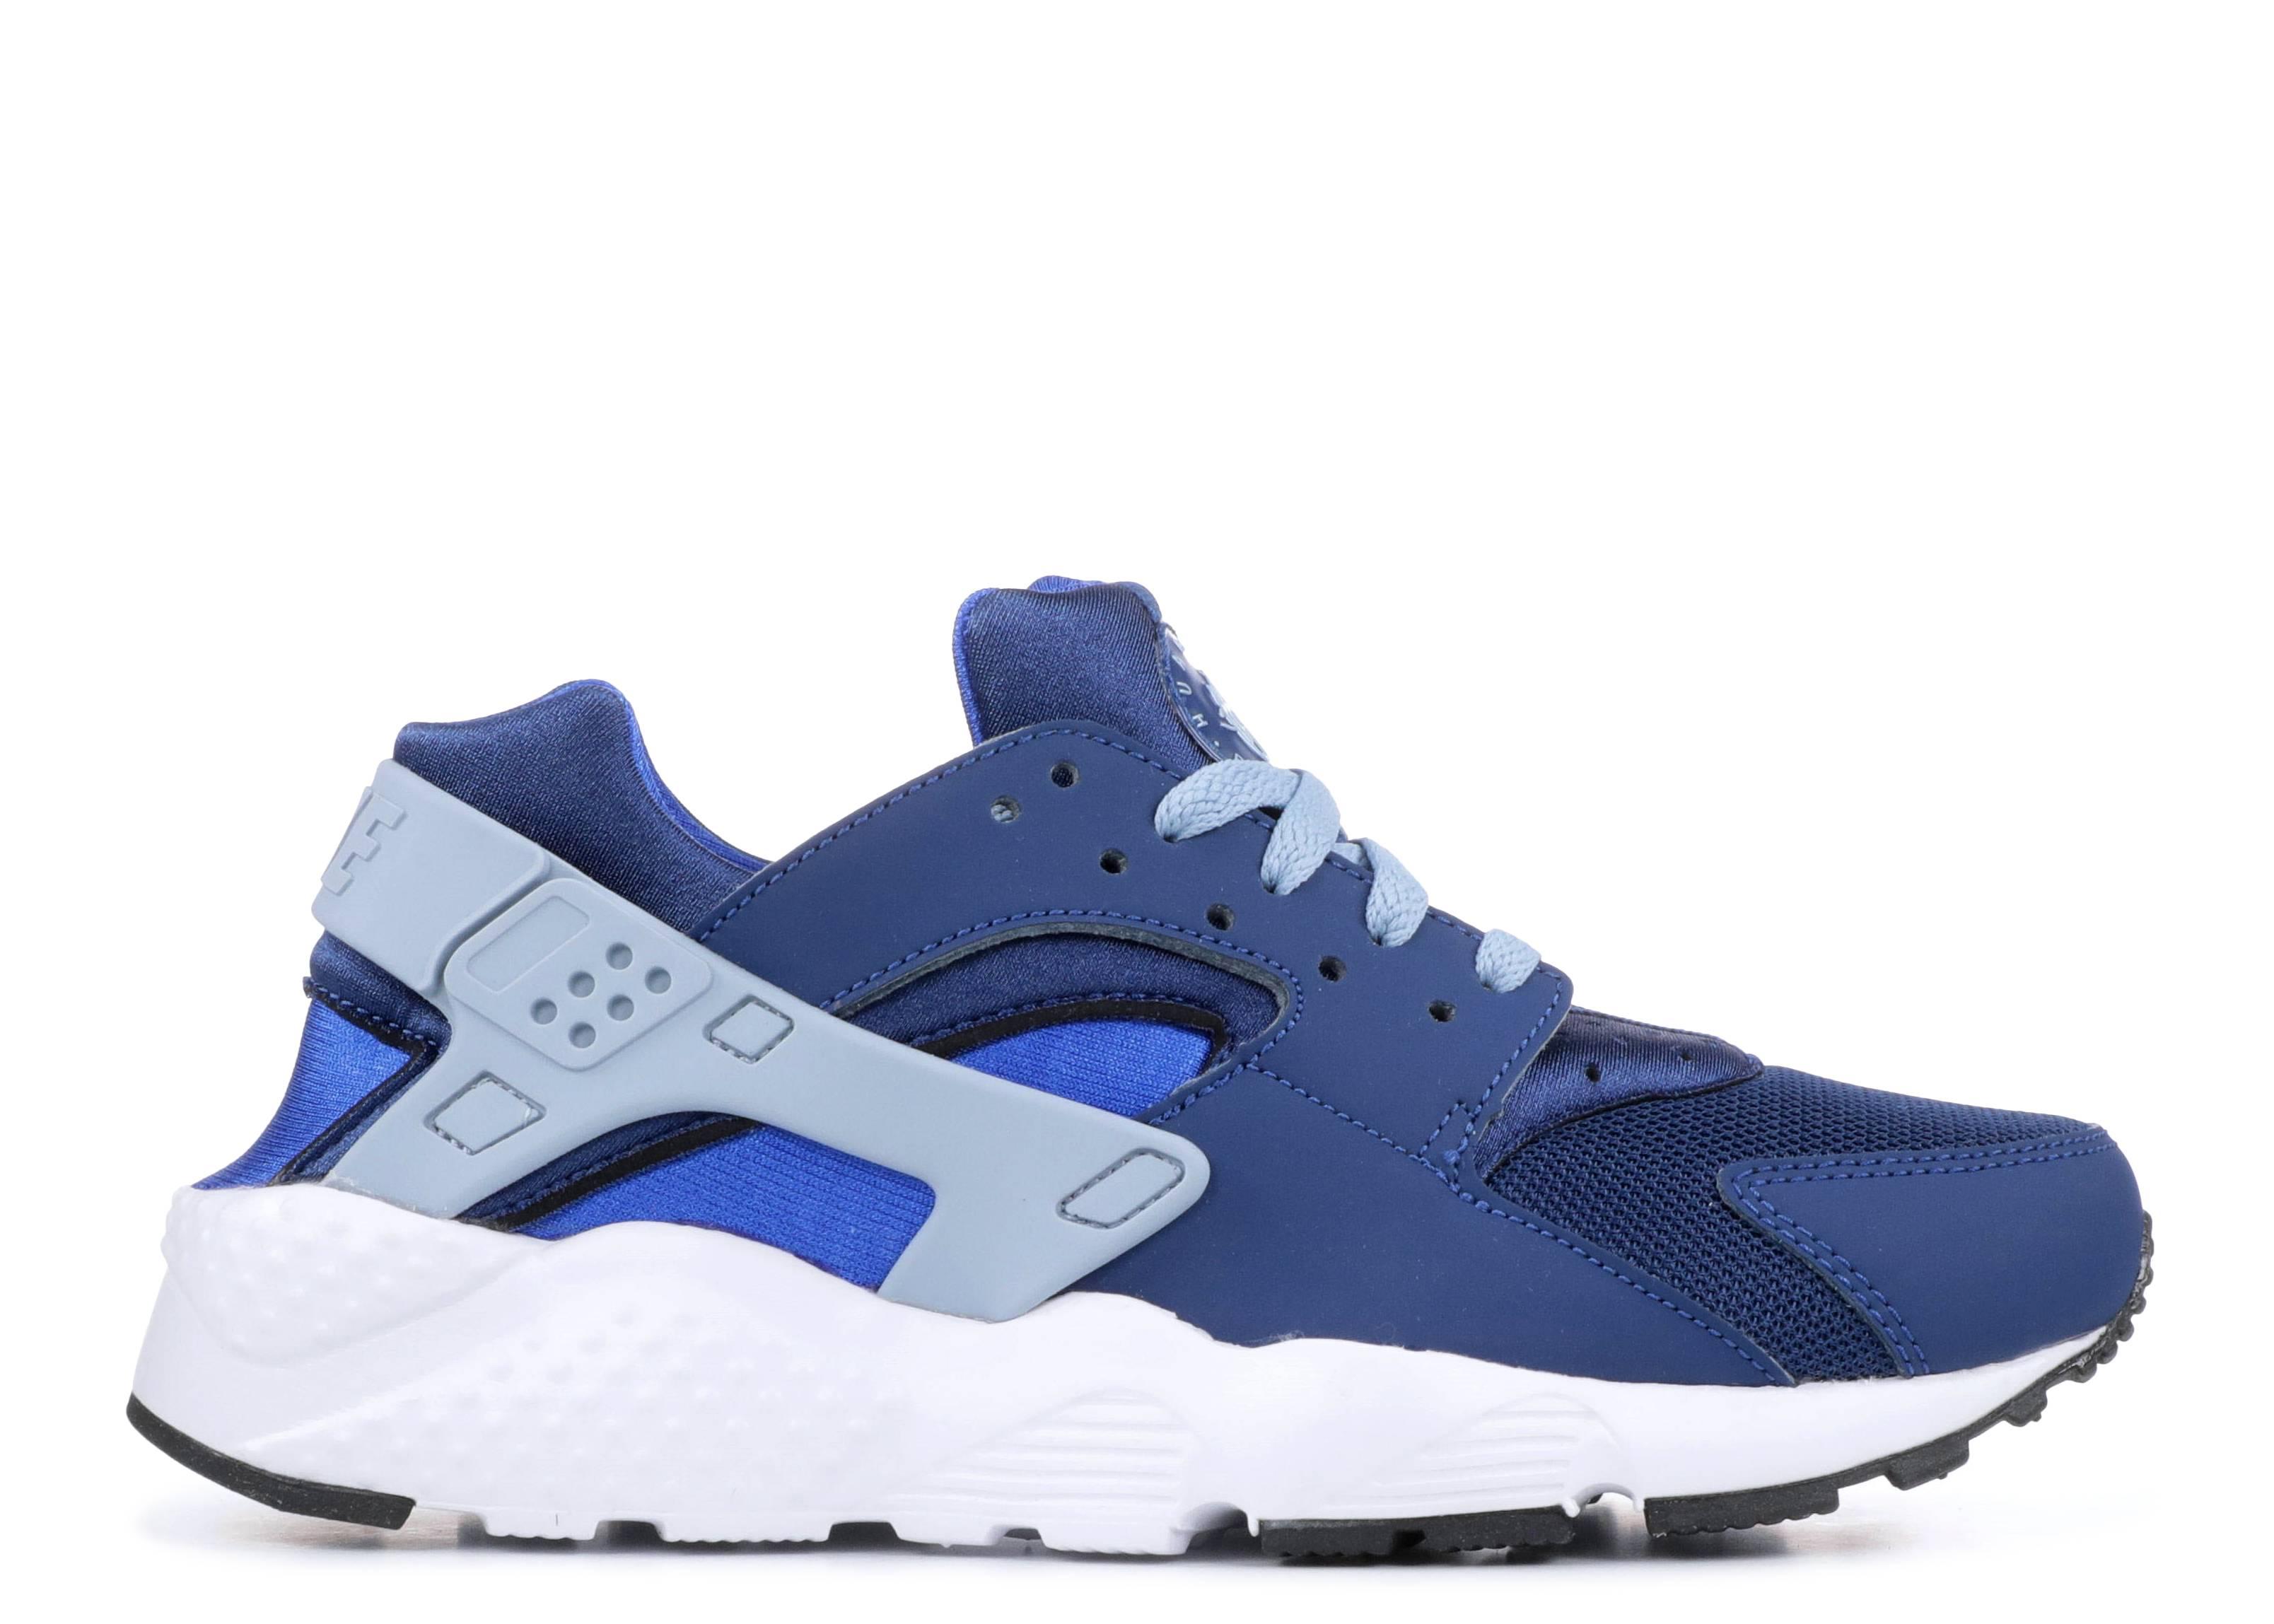 olcsó eladó speciális értékesítés jó minőségű Nike Huarache Run Gs - Nike - 654275 406 - coastal blue/blue grey ...